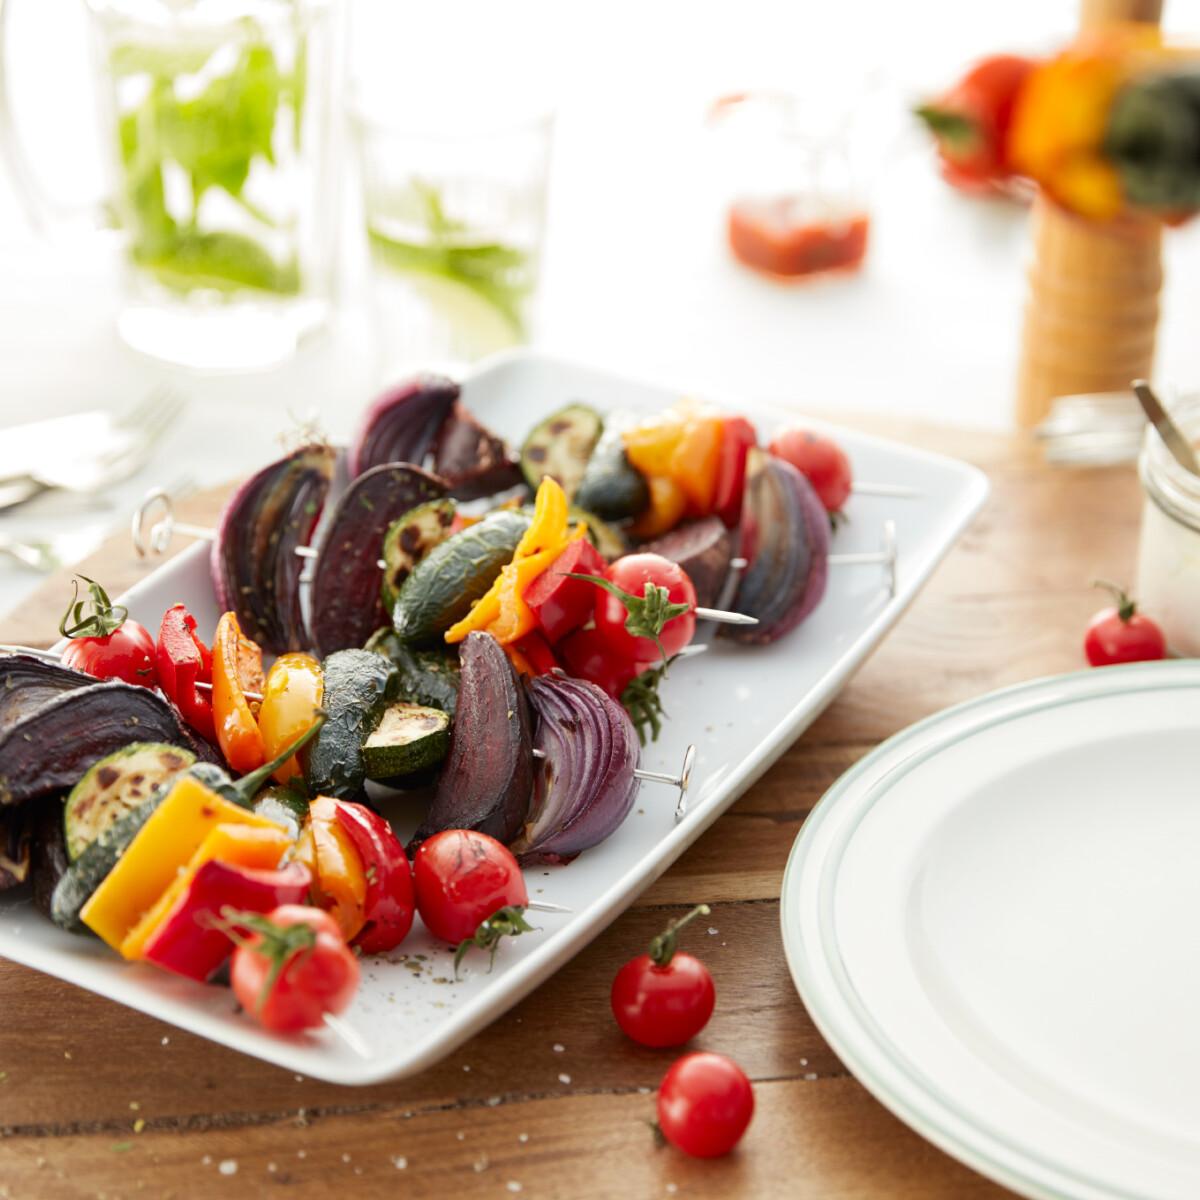 Ezen a képen: Szivárványos zöldségnyárs Philips Airfryerben készítve